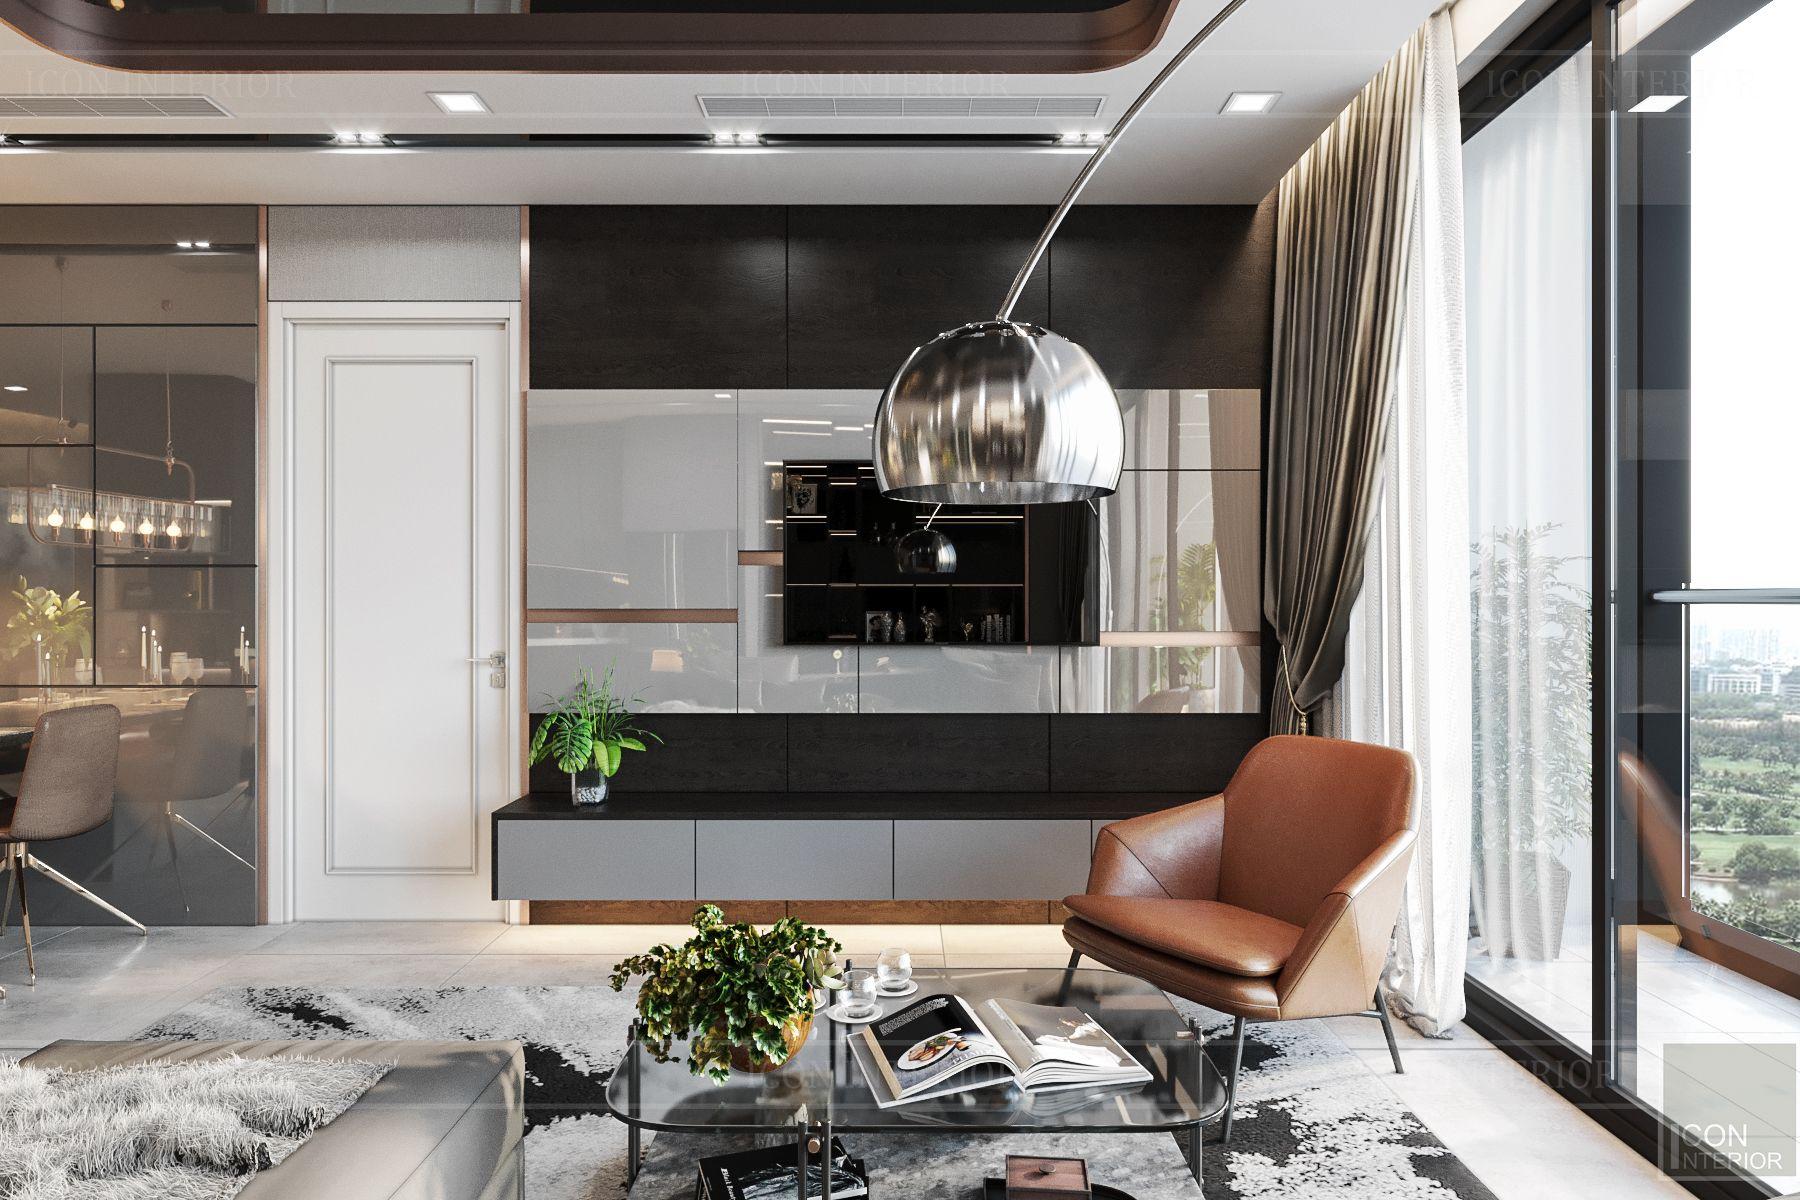 thiết kế nội thất căn hộ vinhomes ba son - phòng khách 5